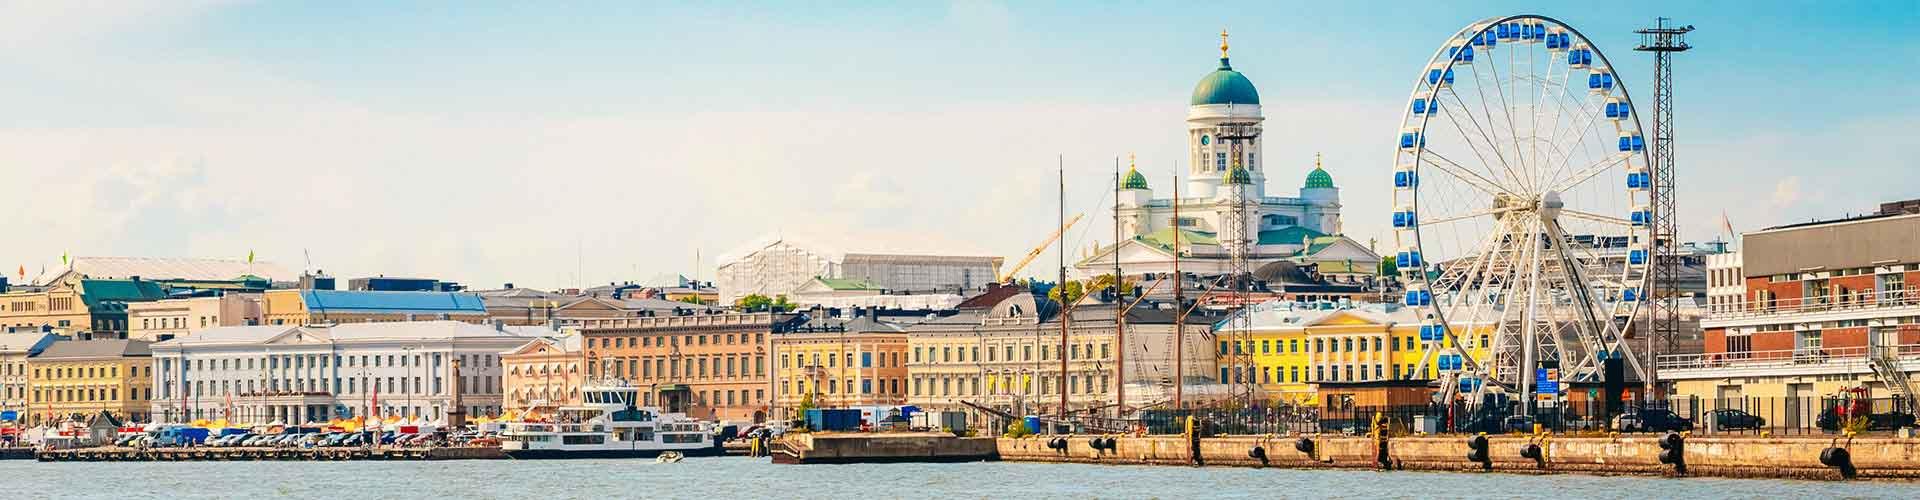 Helsinki - pokoje v Helsinki. Mapy pro Helsinki, fotky a recenze pro každý pokoj - Helsinki.